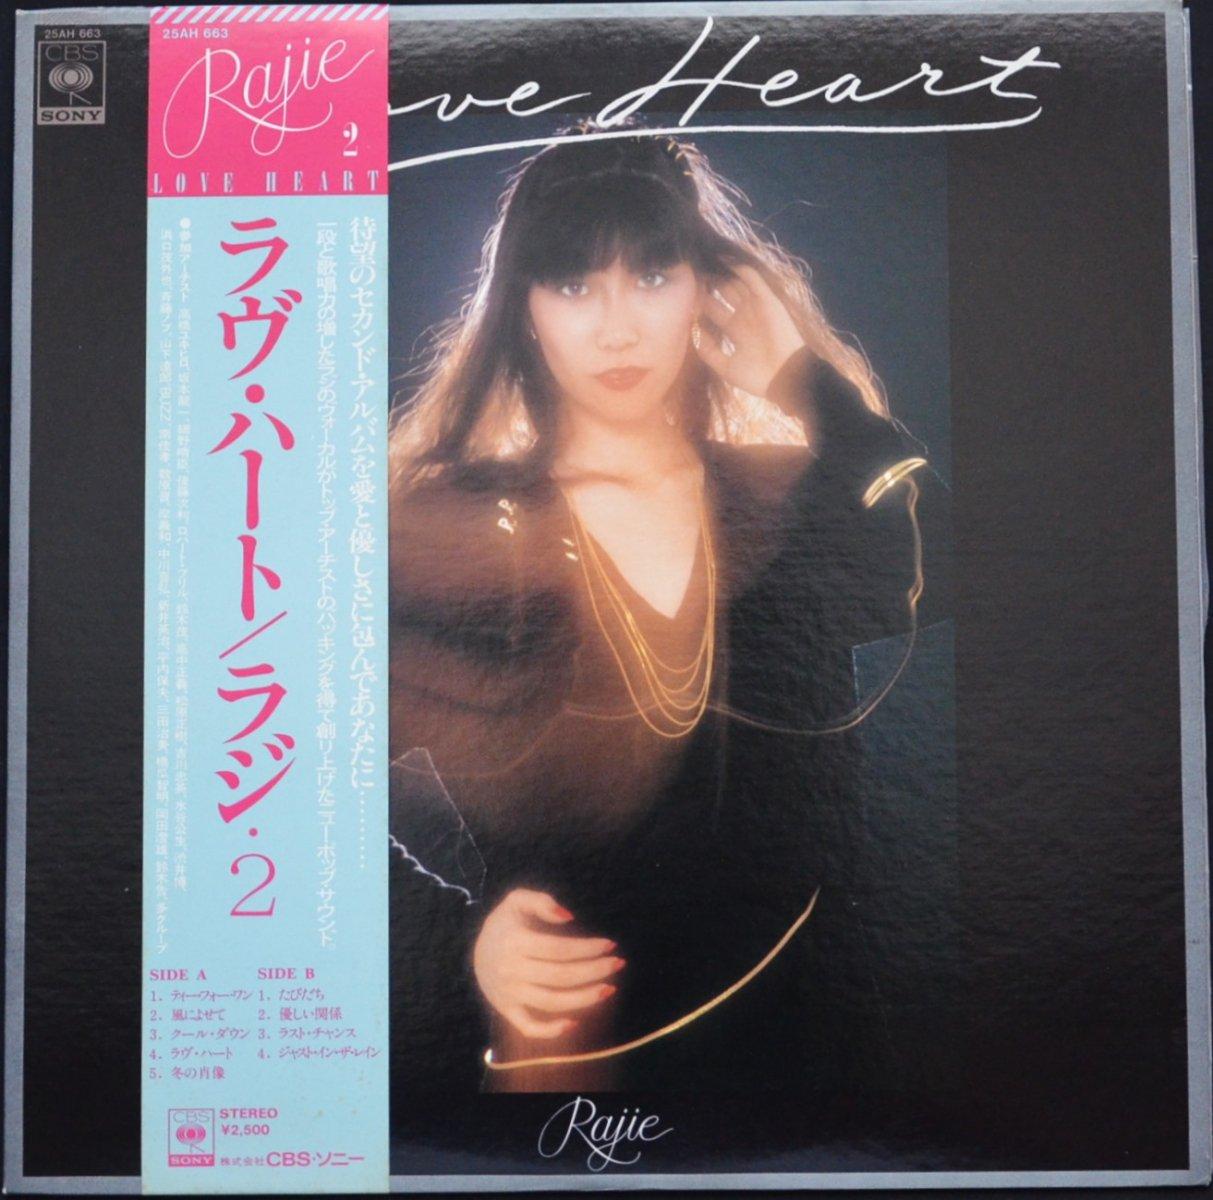 ラジ RAJIE / ラヴ・ハート LOVE HEART (LP)